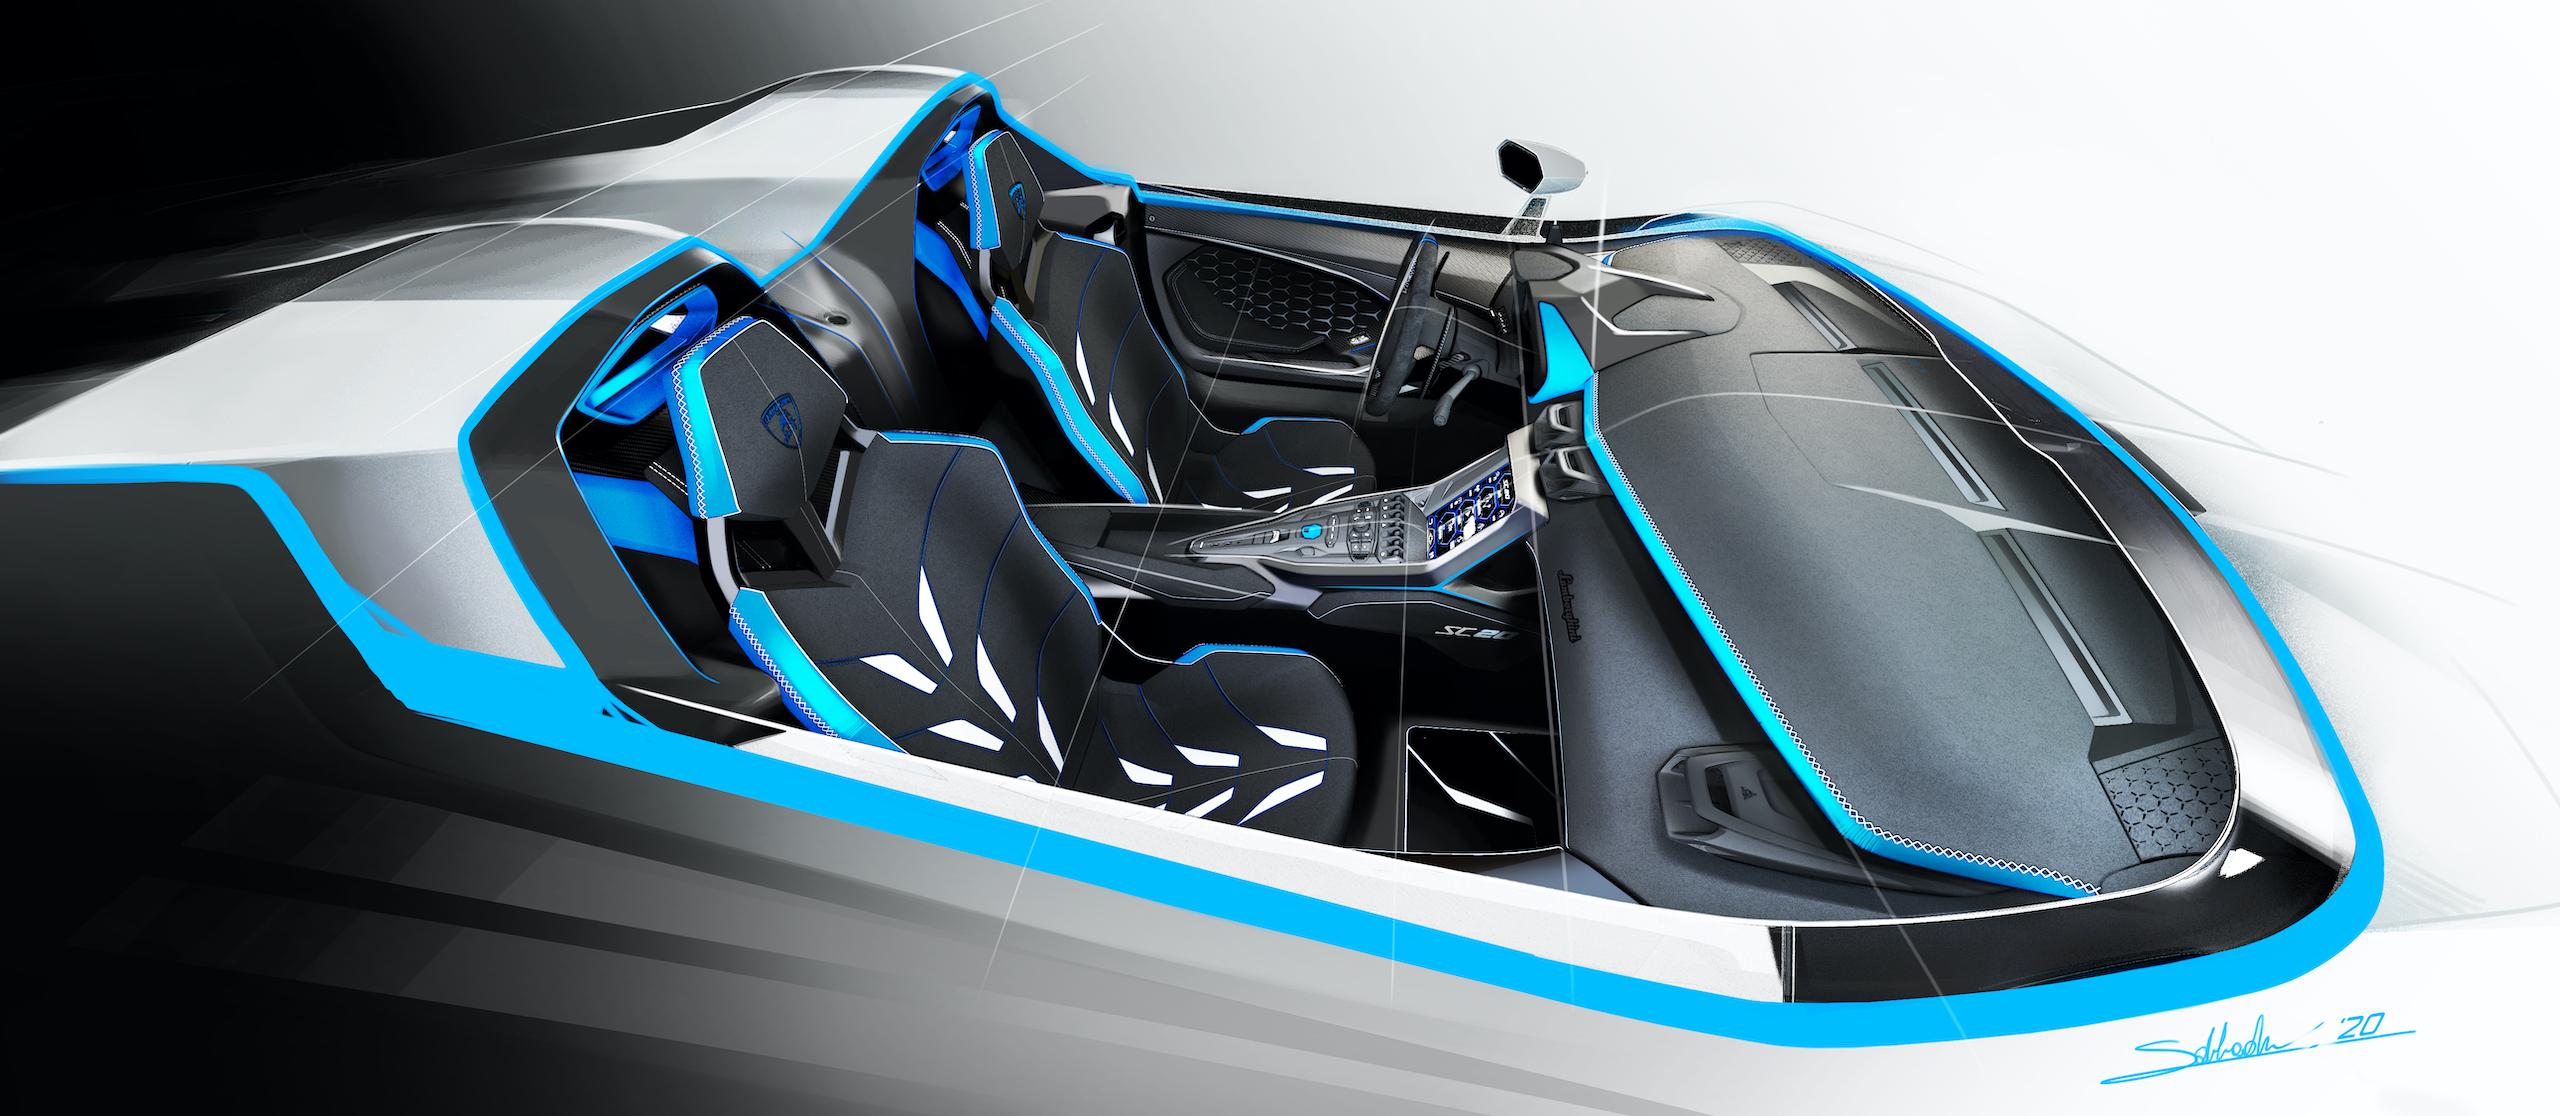 Lamborghini SC20 interior seat accents